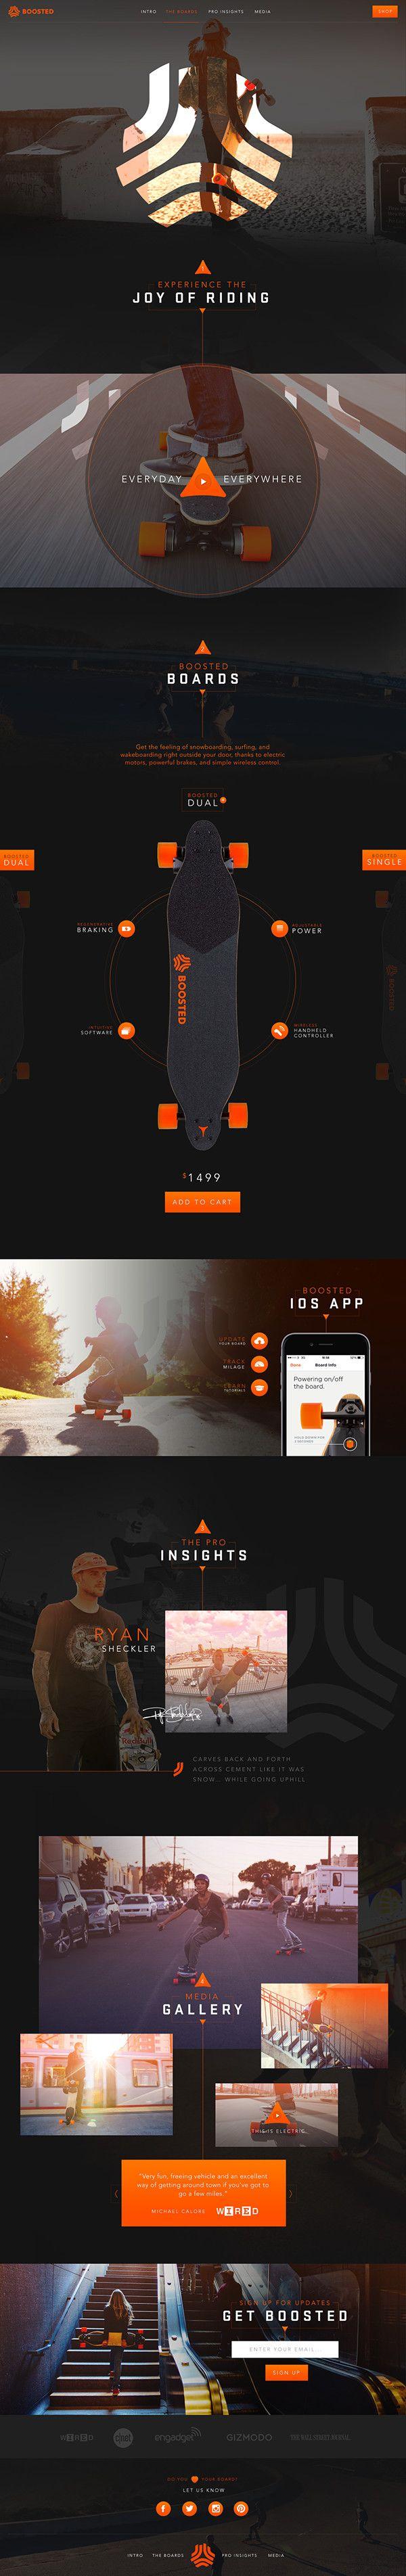 Boosted skateboard website concept